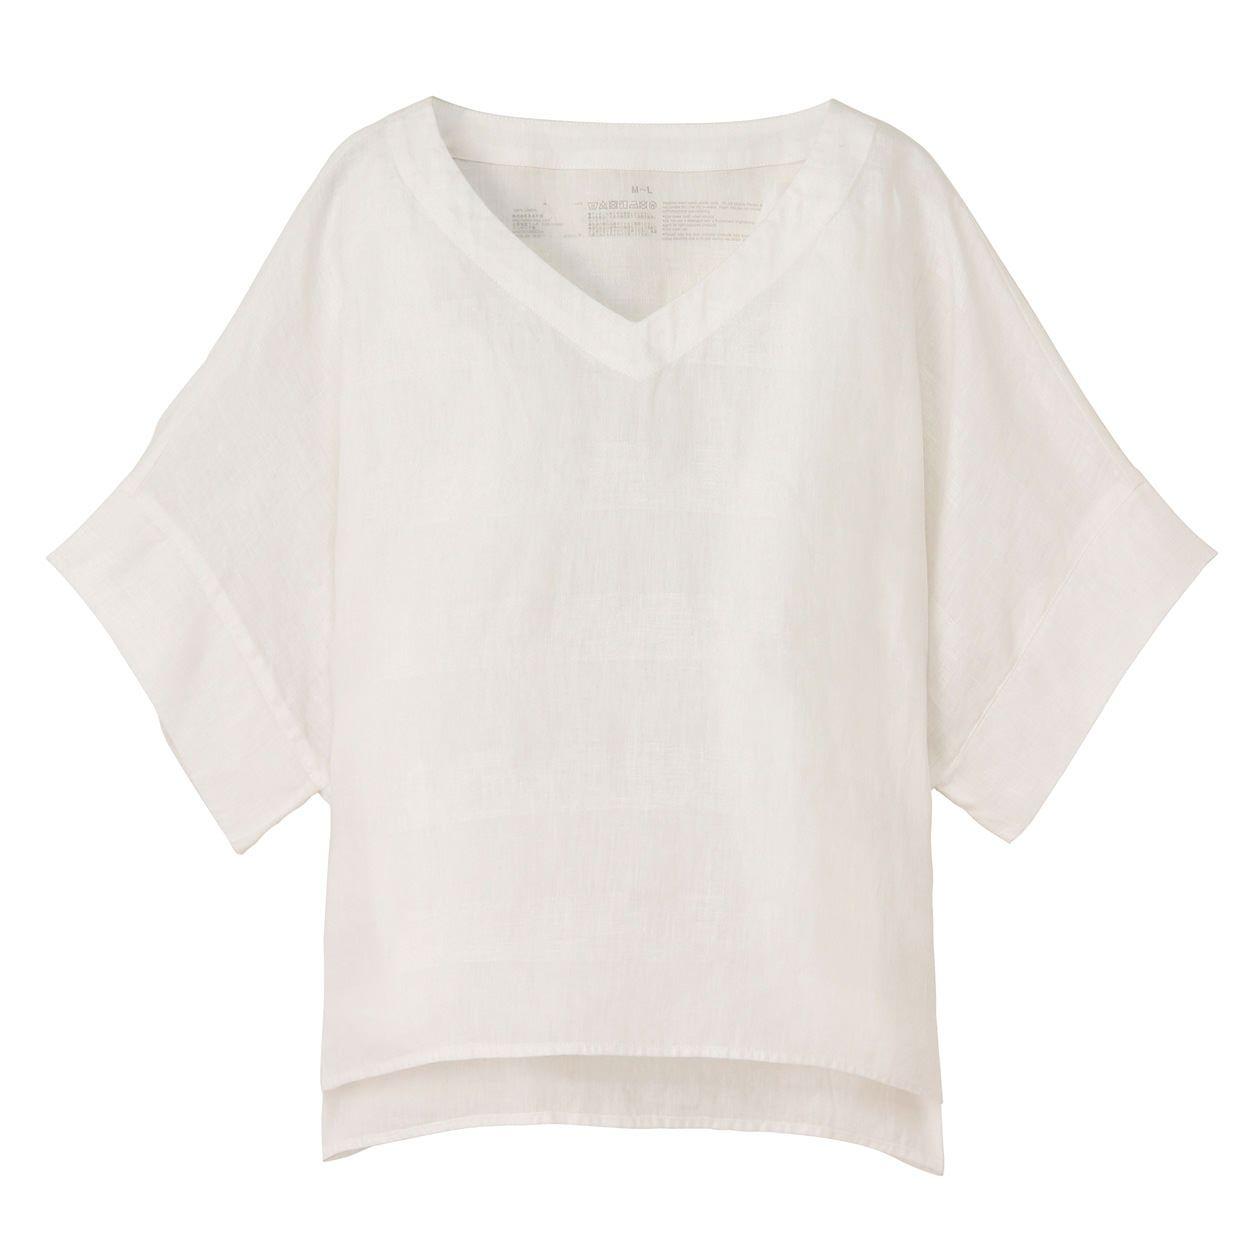 フレンチリネン洗いざらしワイドVネック半袖ブラウス 婦人・M~L・白 |